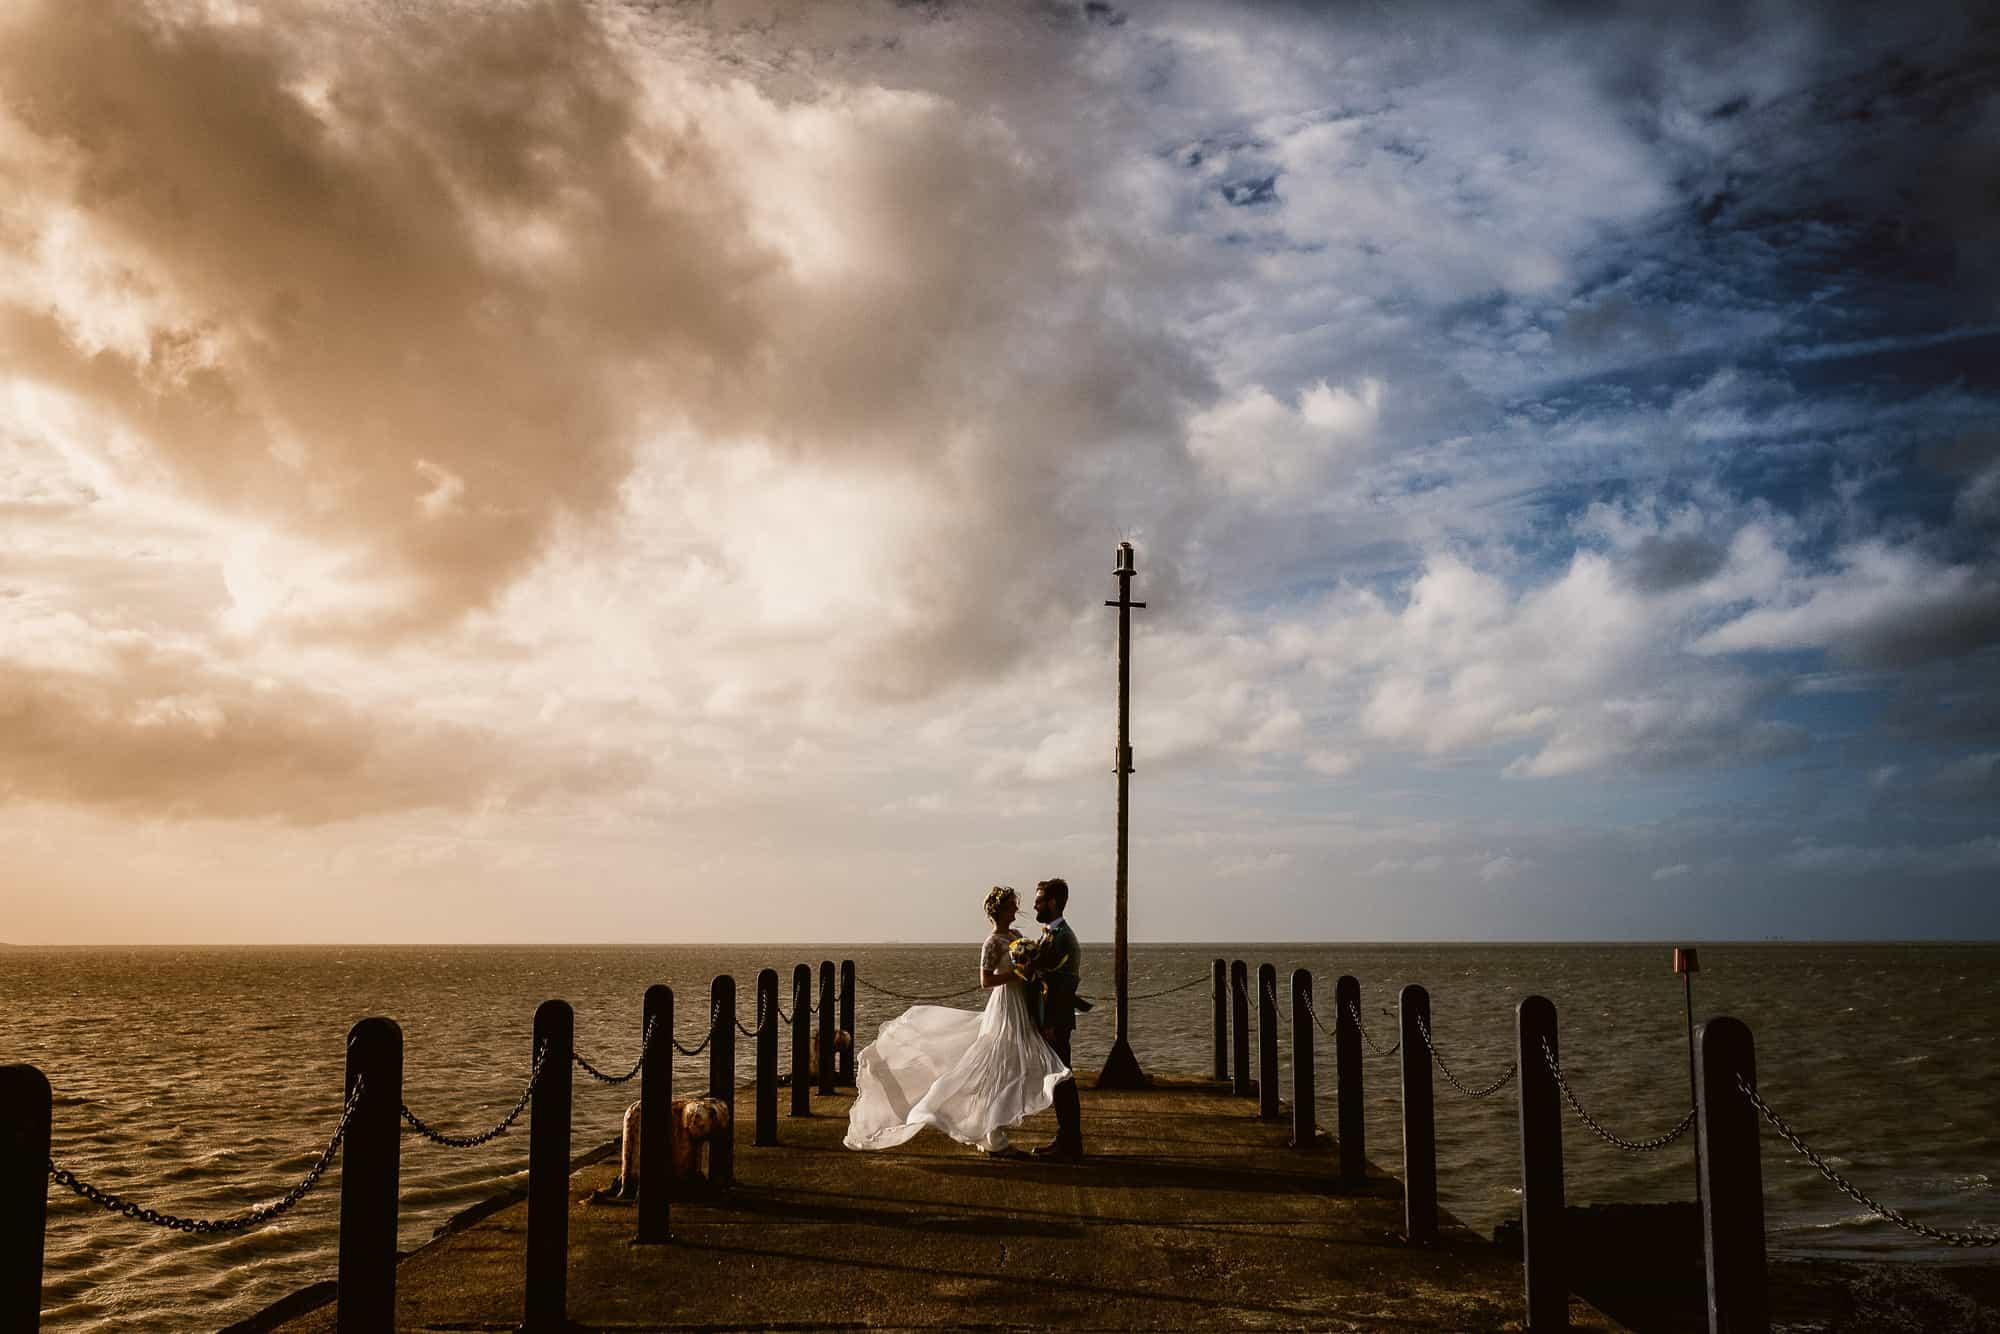 east-quay-wedding-photography-matt-tyler-0070